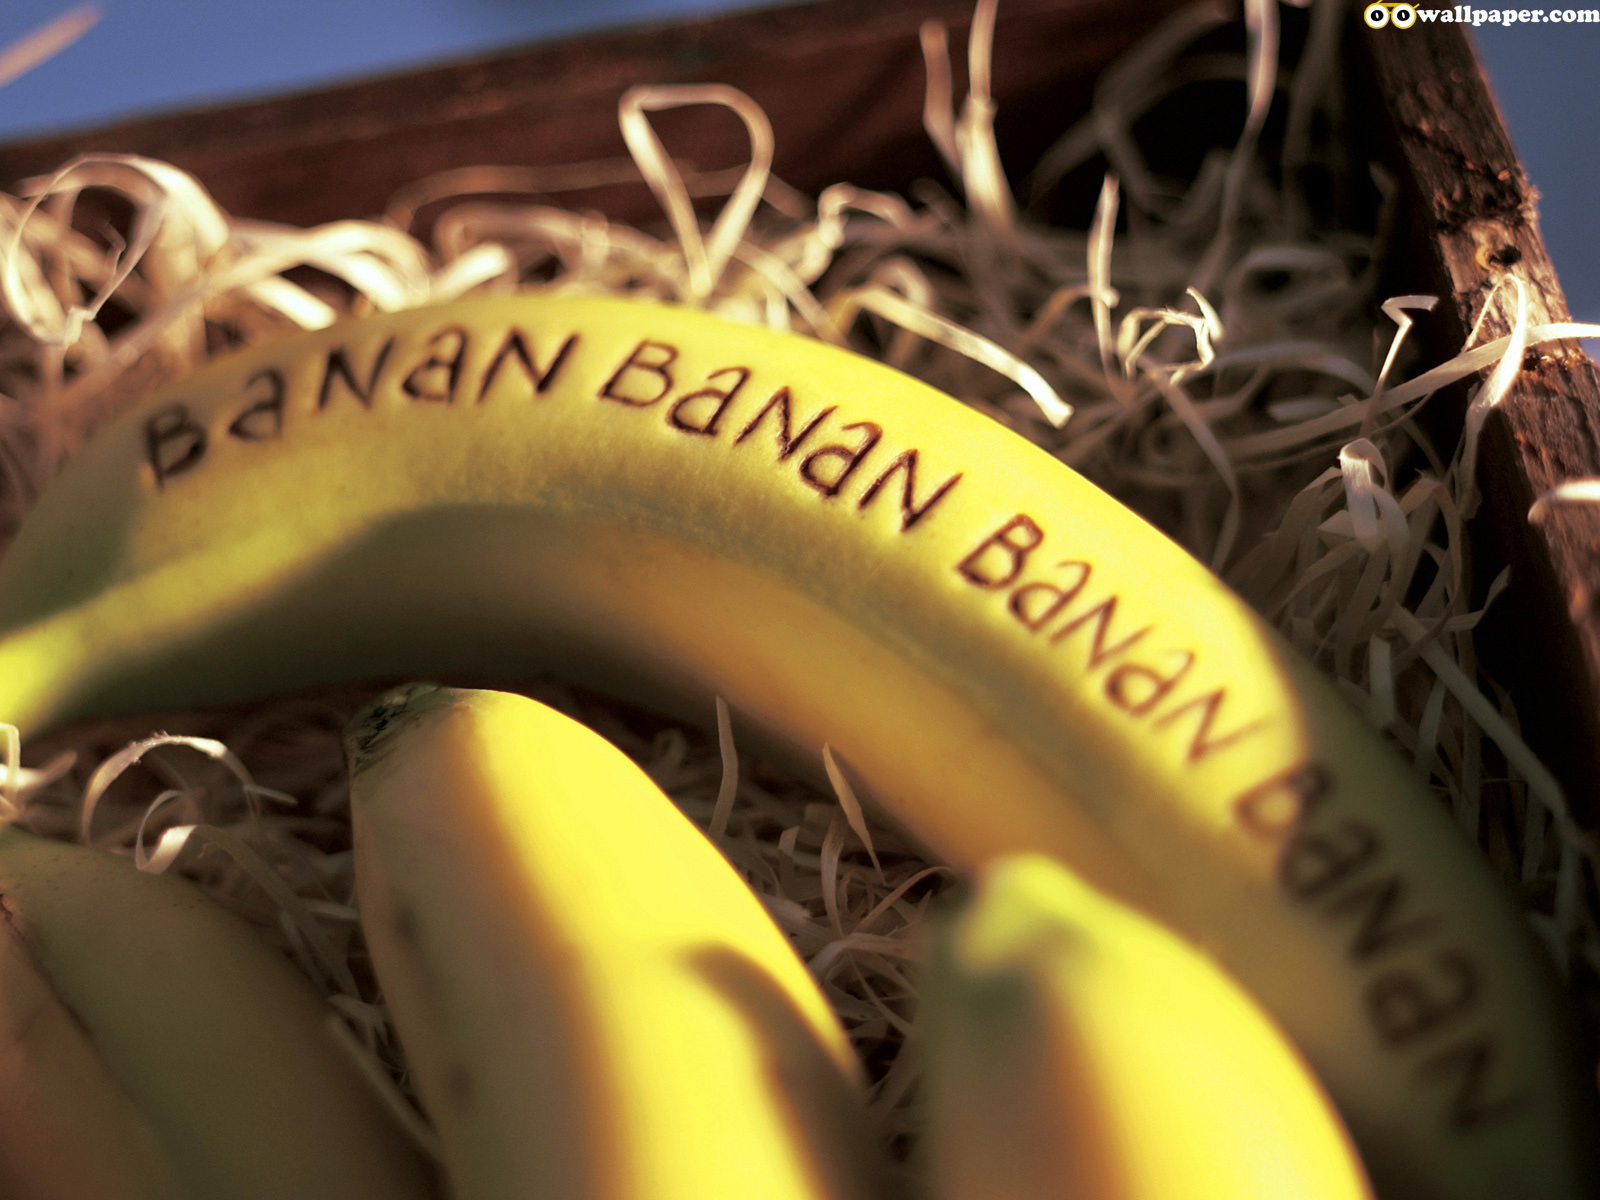 http://2.bp.blogspot.com/-BiupGkybbqg/TxkahaOSuiI/AAAAAAAAD0c/sgqqFAMmPaw/s1600/oo_food_fruit_banana.jpg